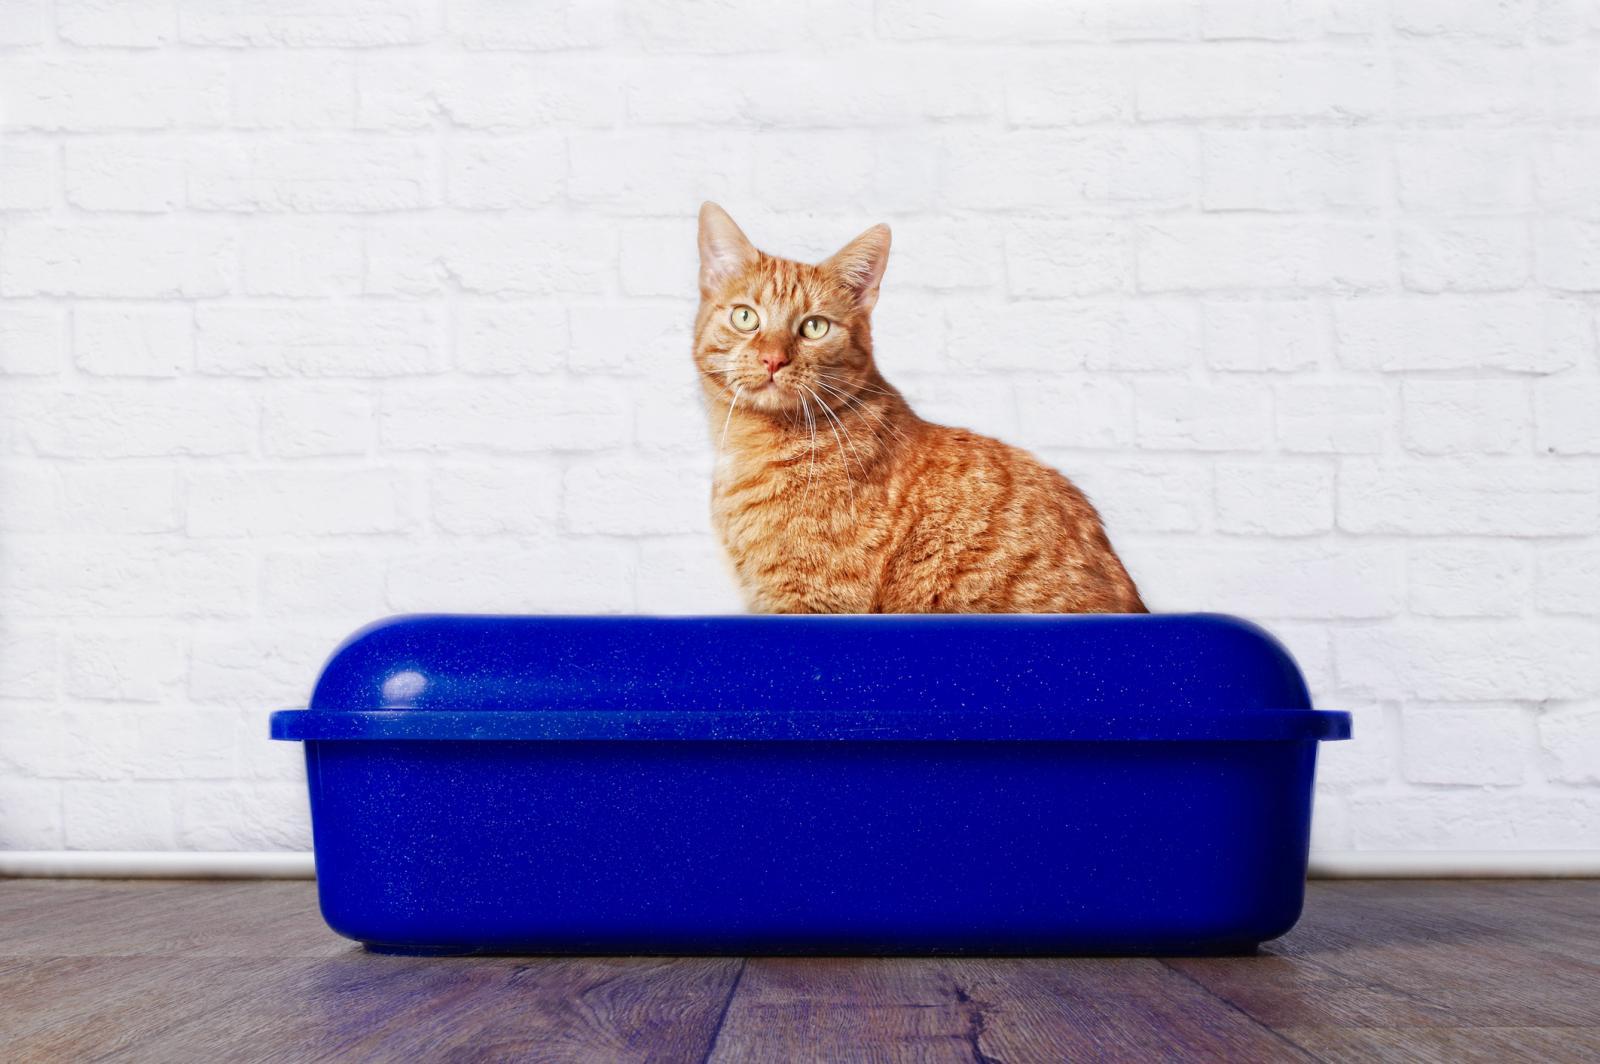 Gato sentado en caja de arena azul